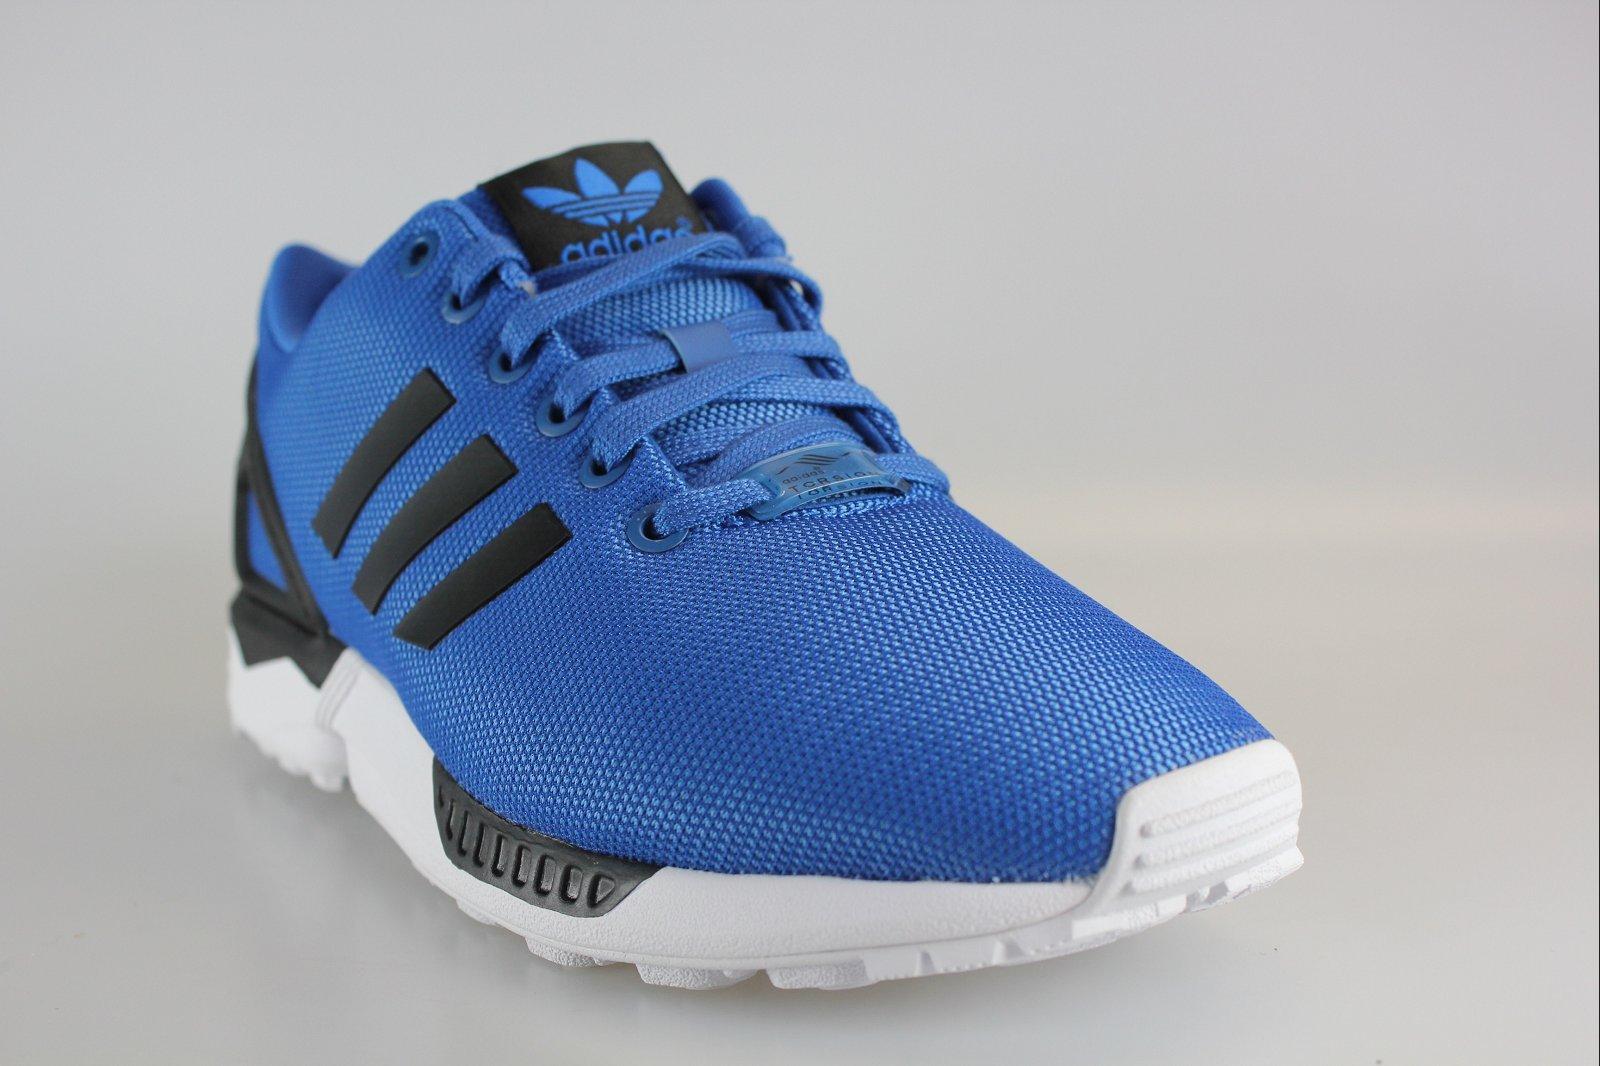 adidas zx flux pas cher bleu